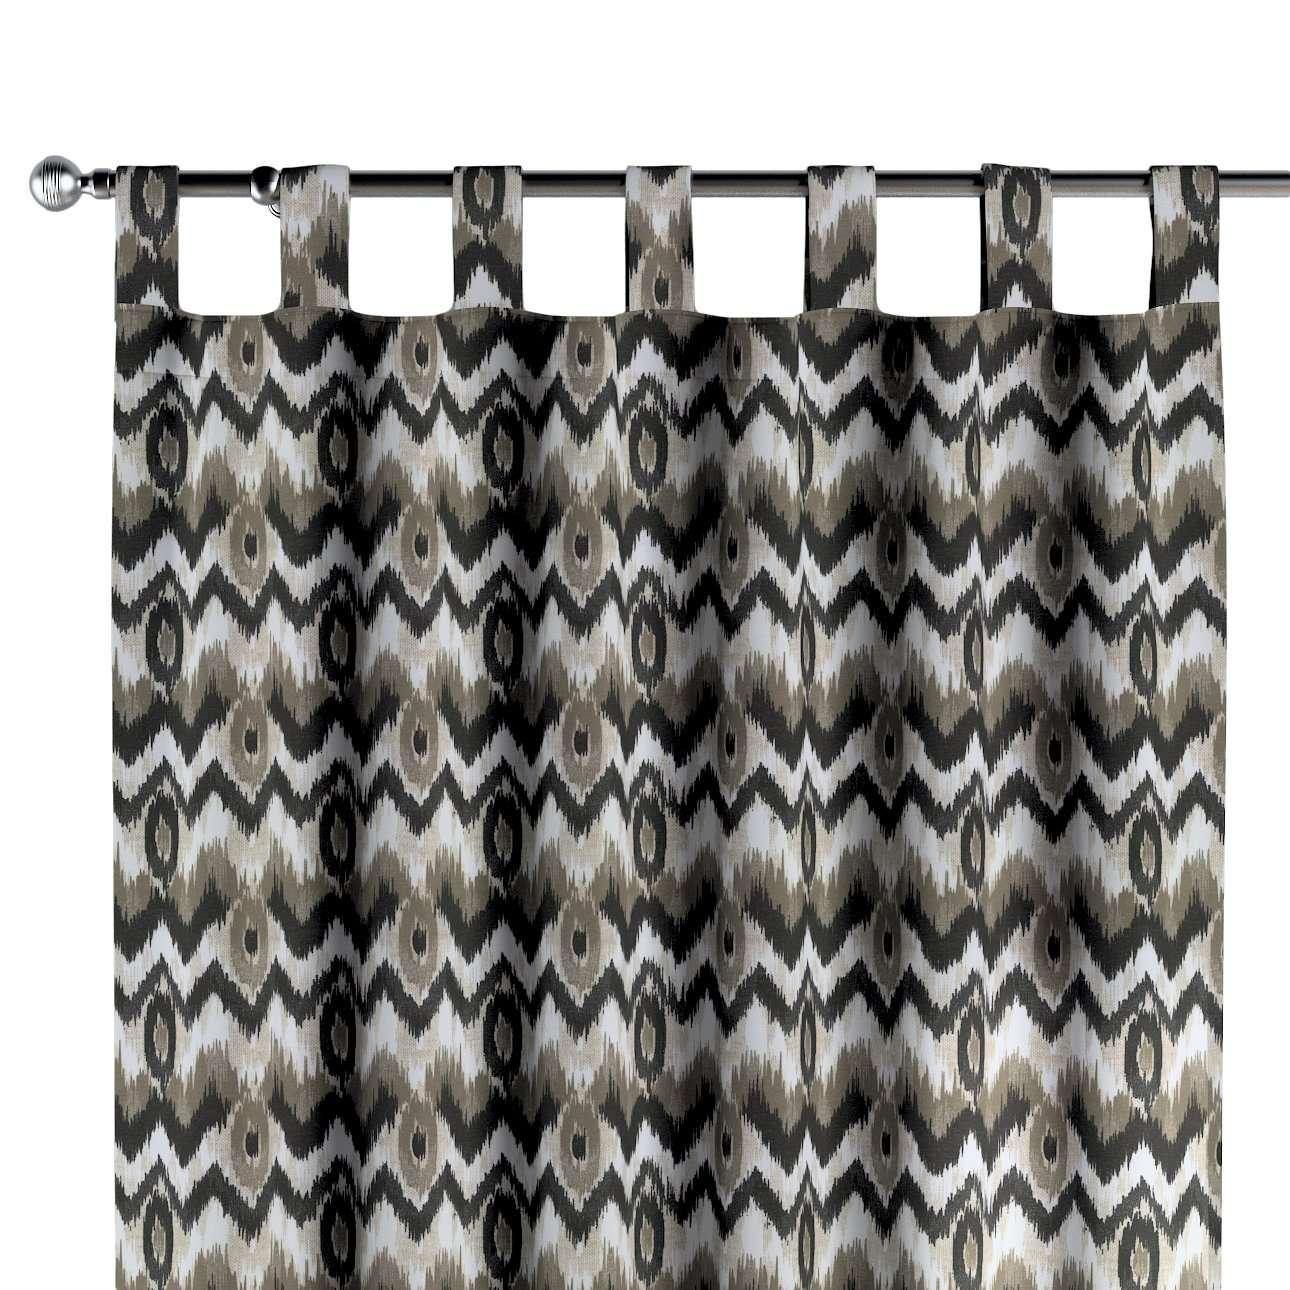 Zasłona na szelkach 1 szt. w kolekcji Modern, tkanina: 141-88